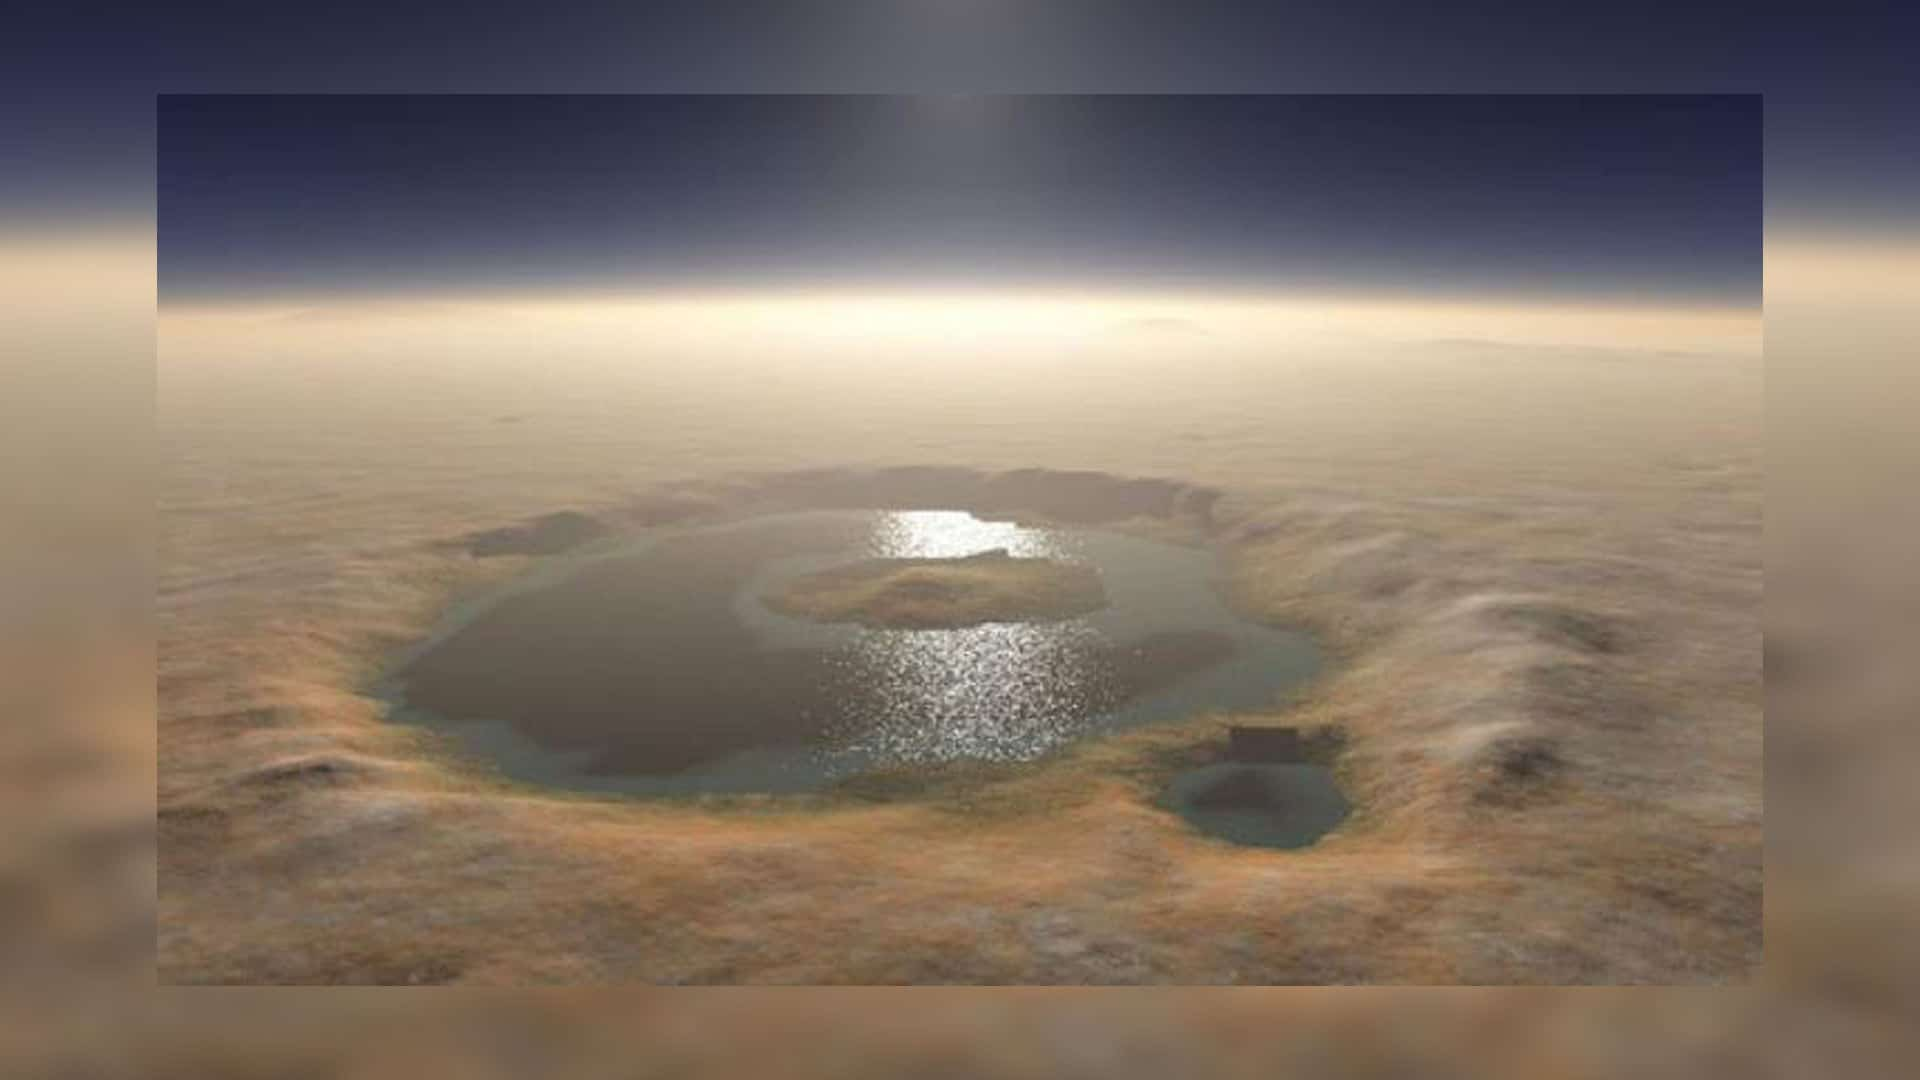 2,500 asombrosas fotos de Marte lanzadas por la NASA